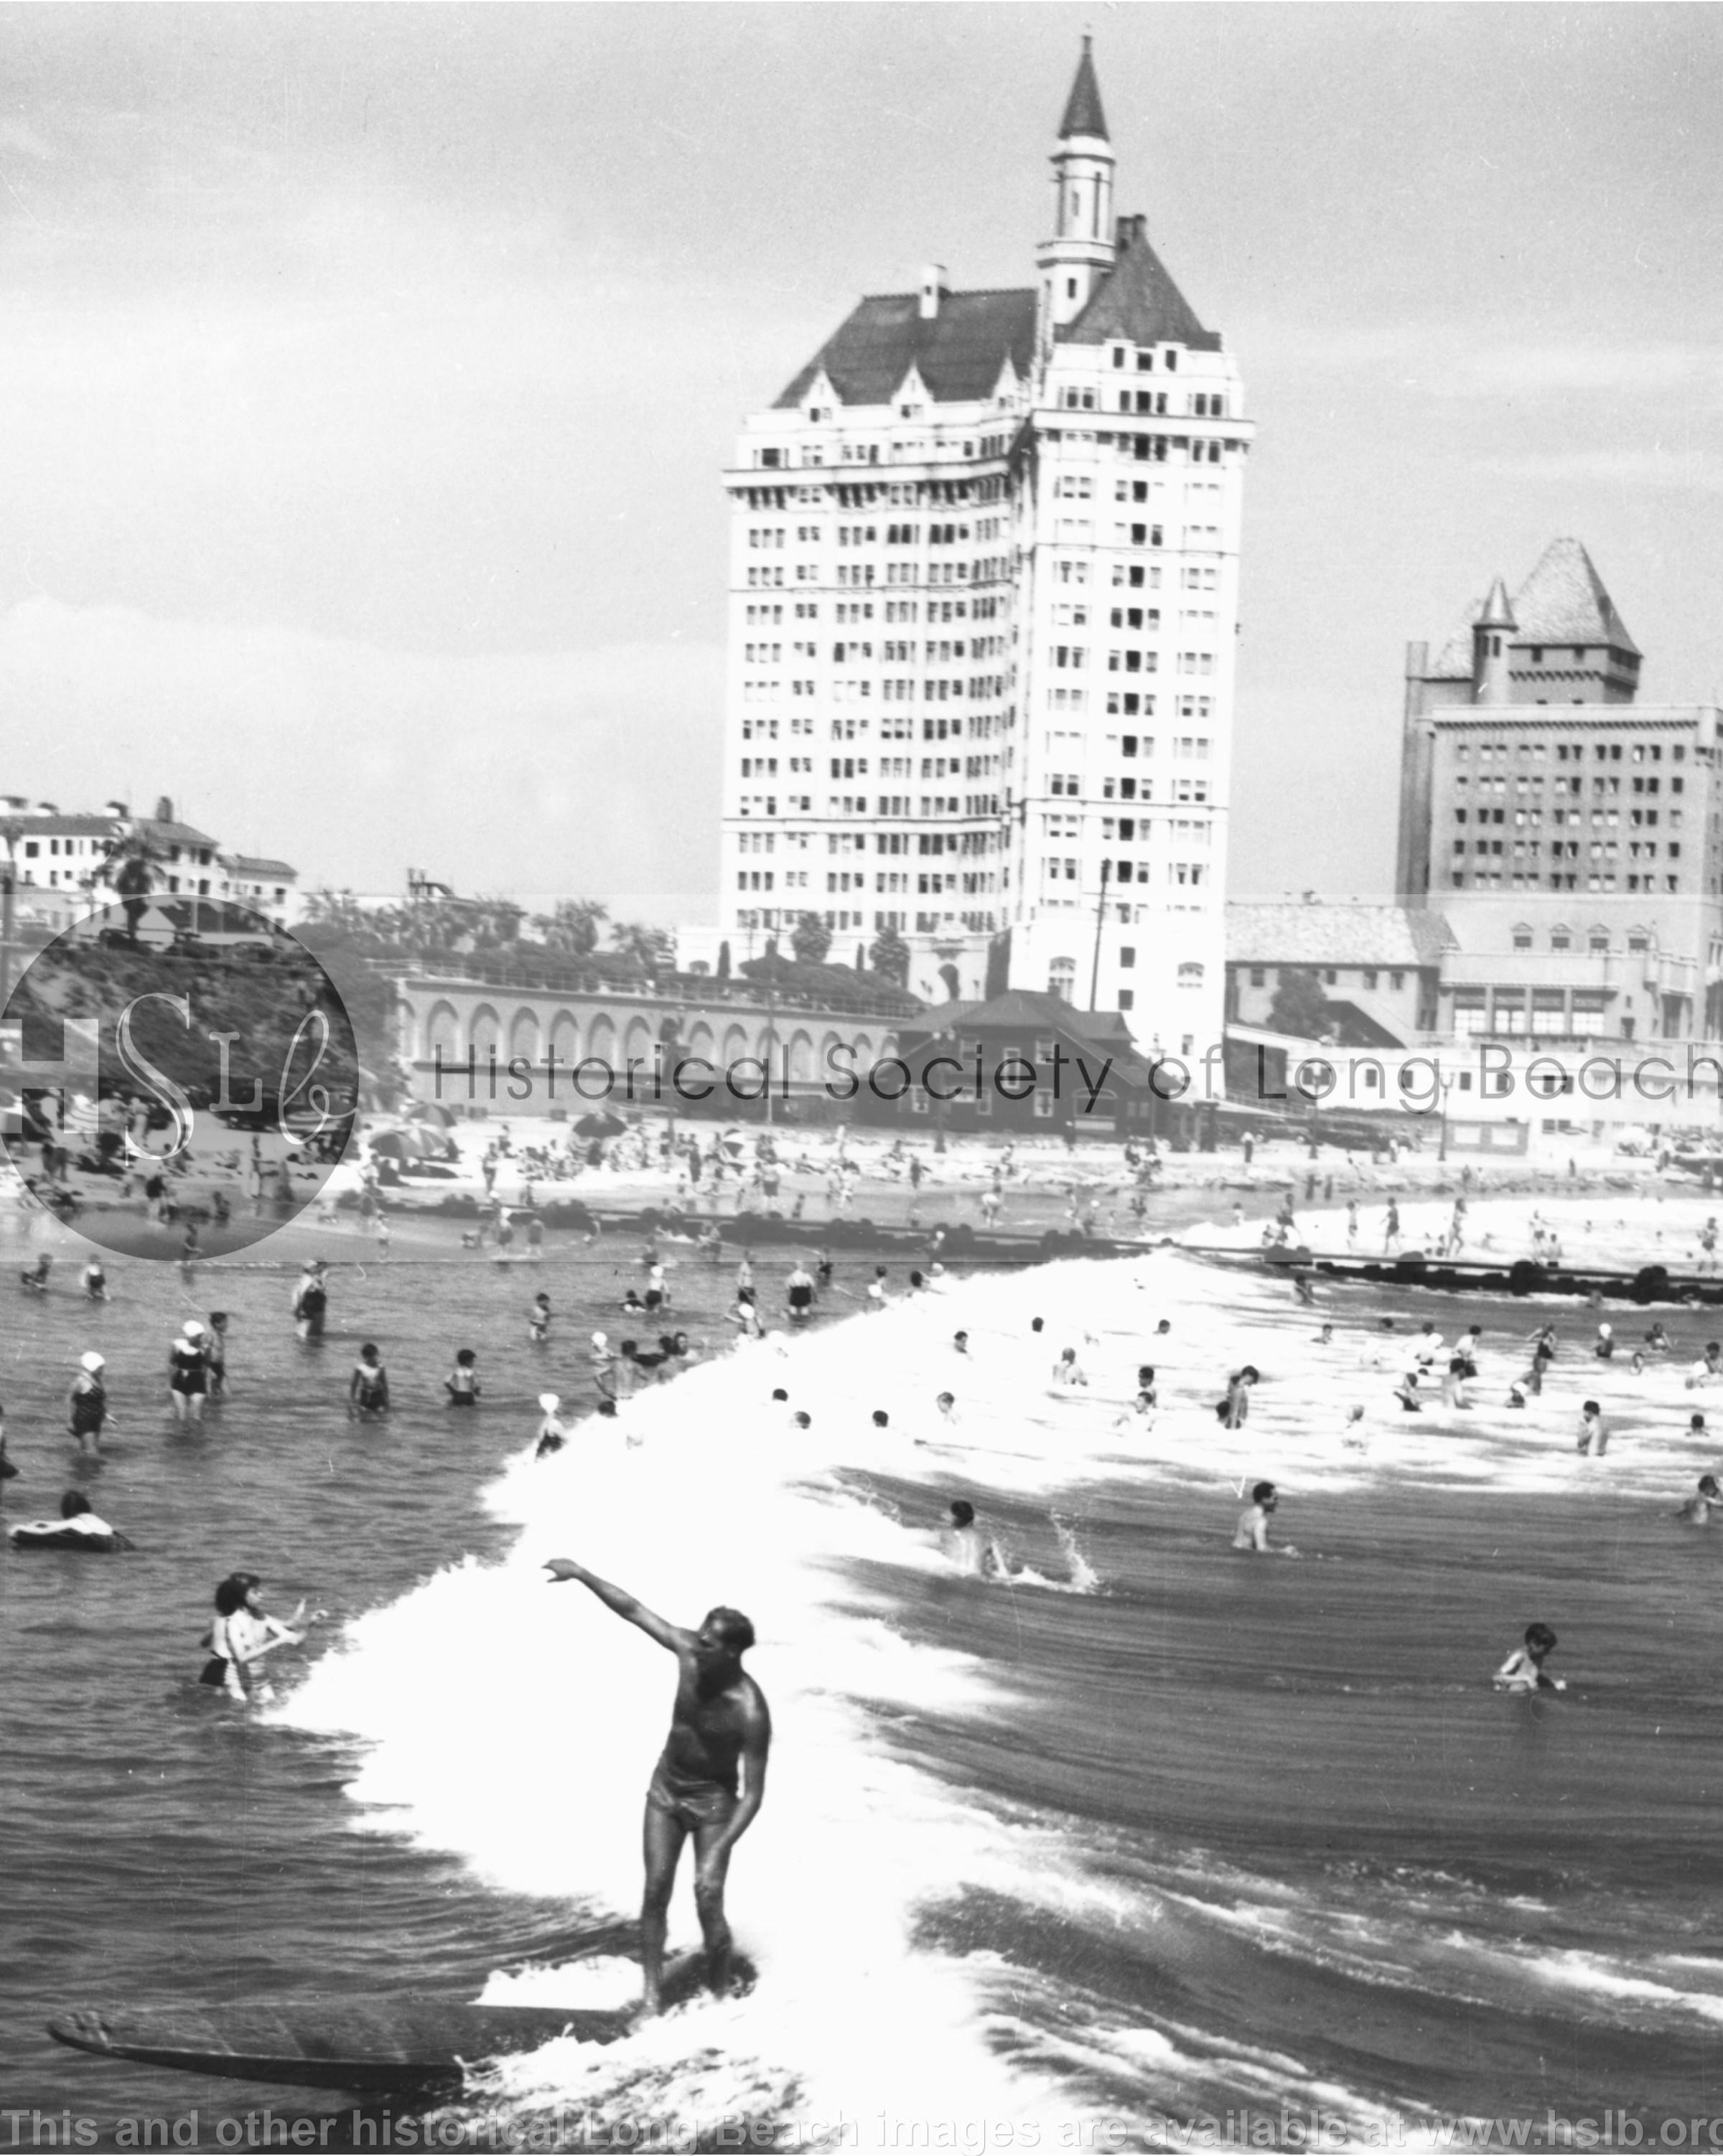 Villa Surfer, 1938 vintage photograph